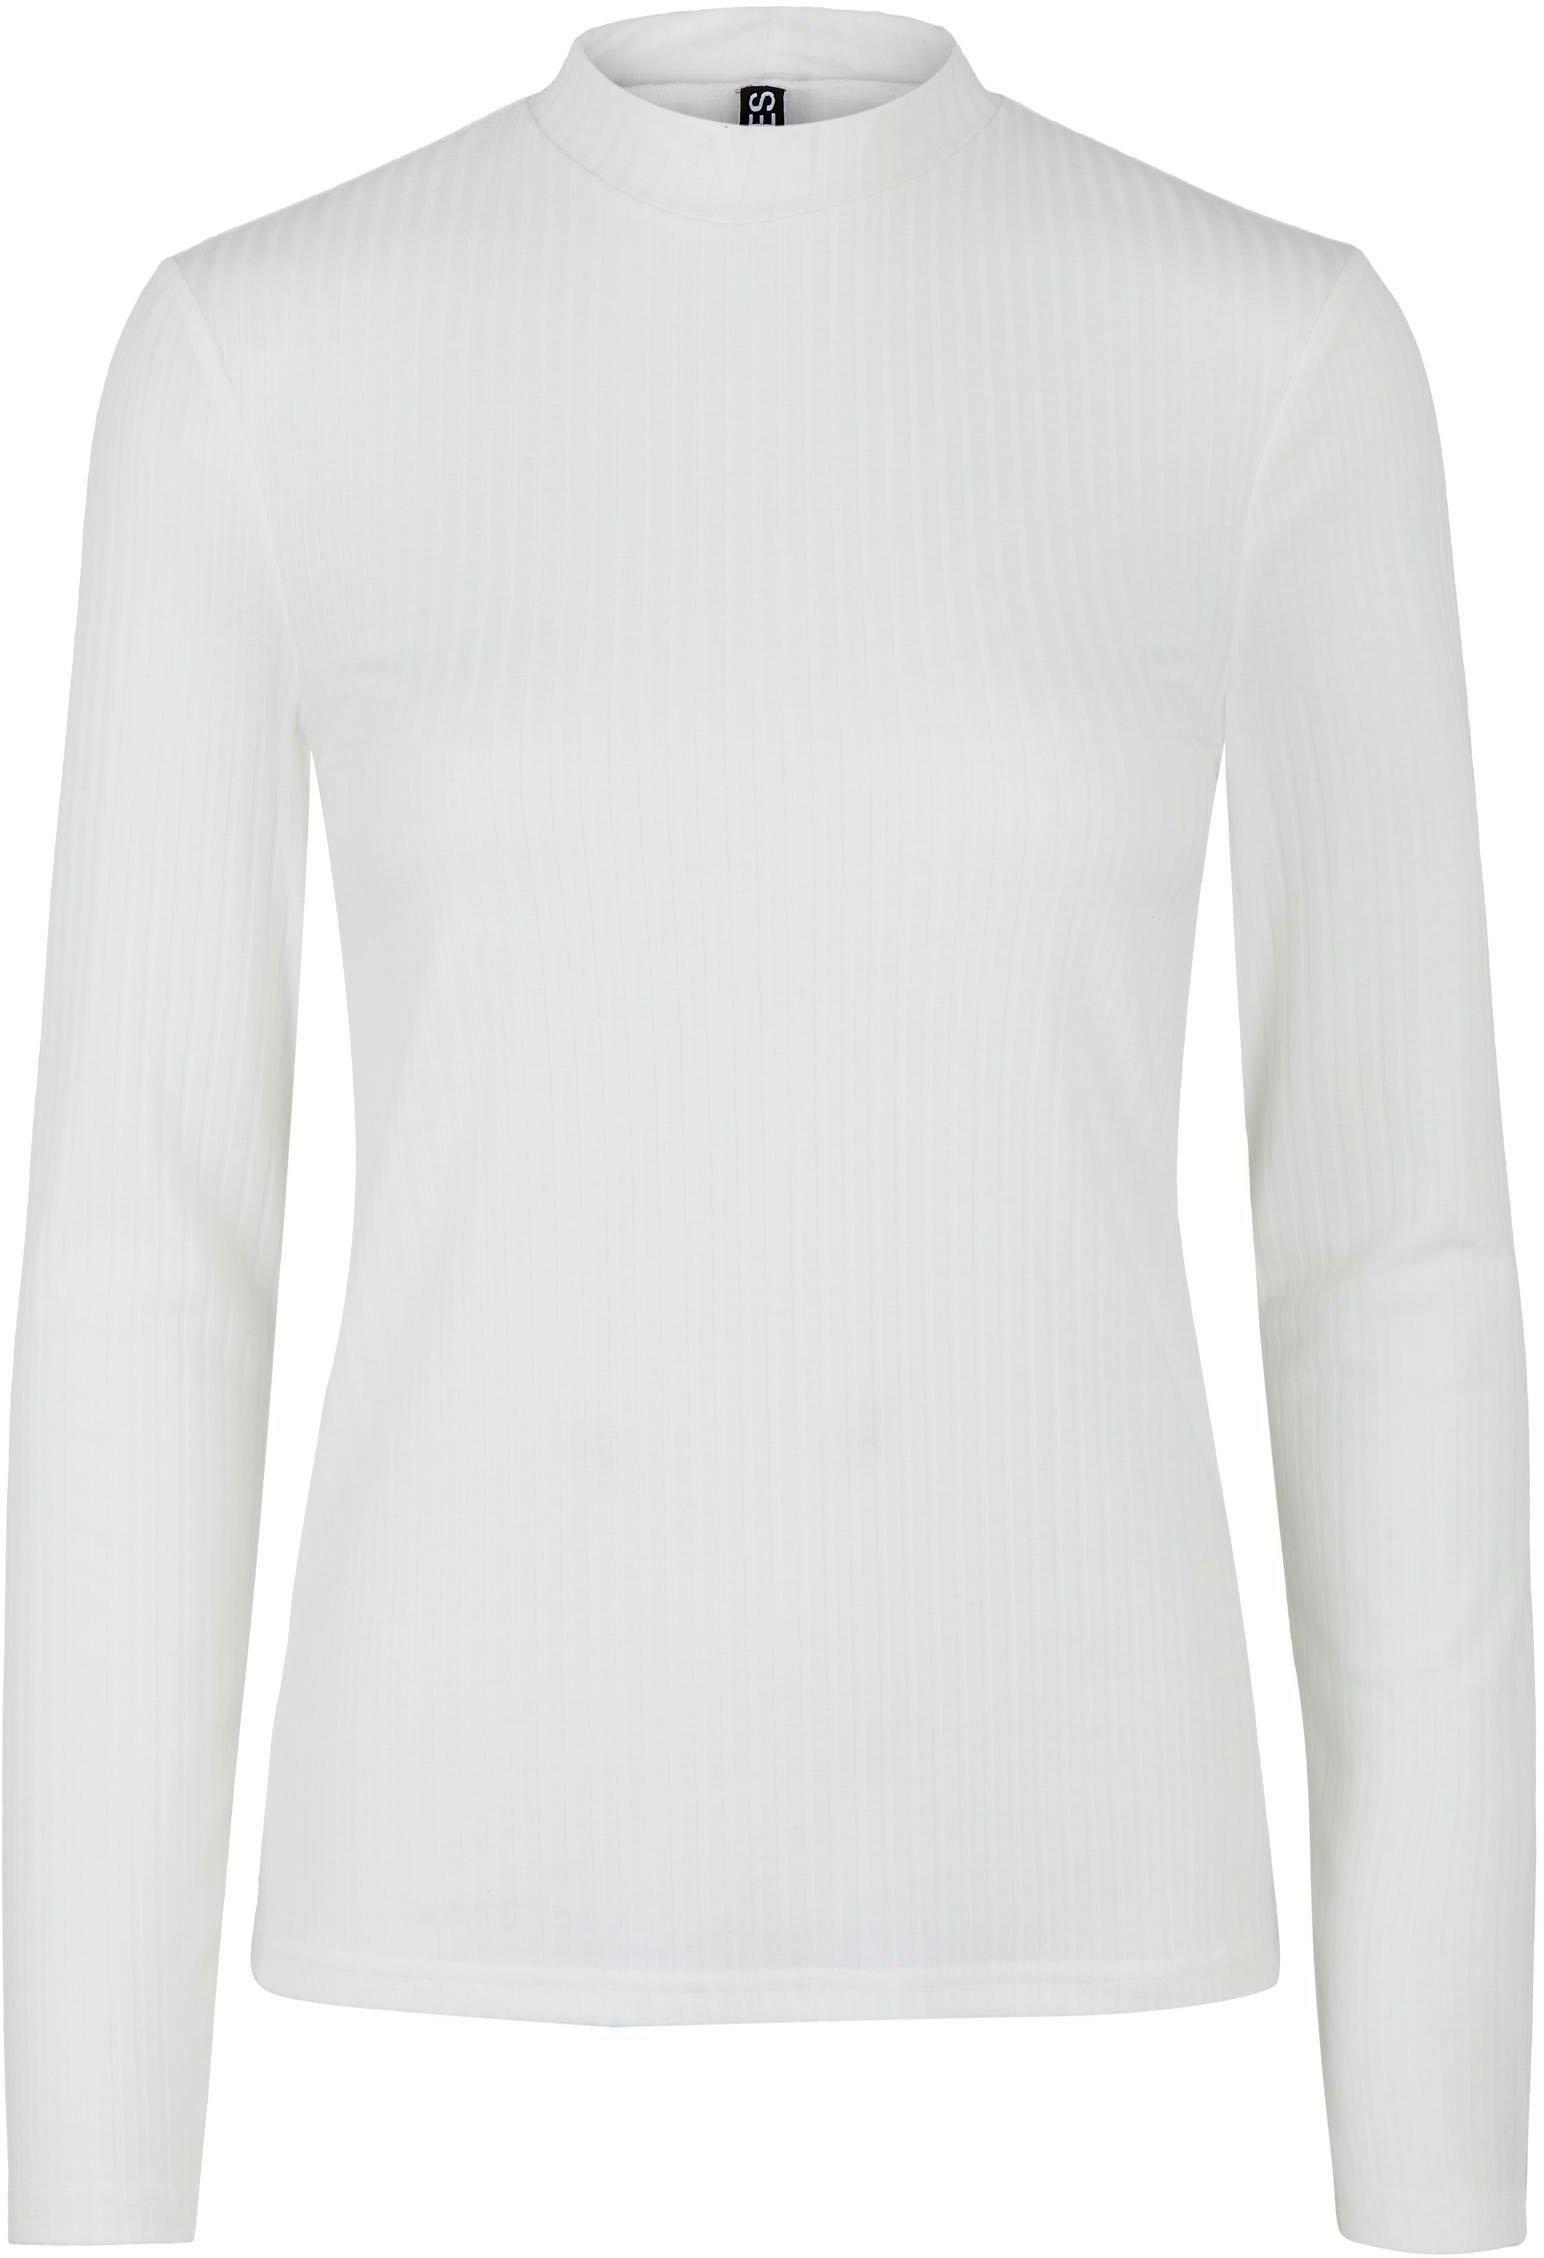 pieces Shirt met staande kraag PCKYLIE bestellen: 30 dagen bedenktijd